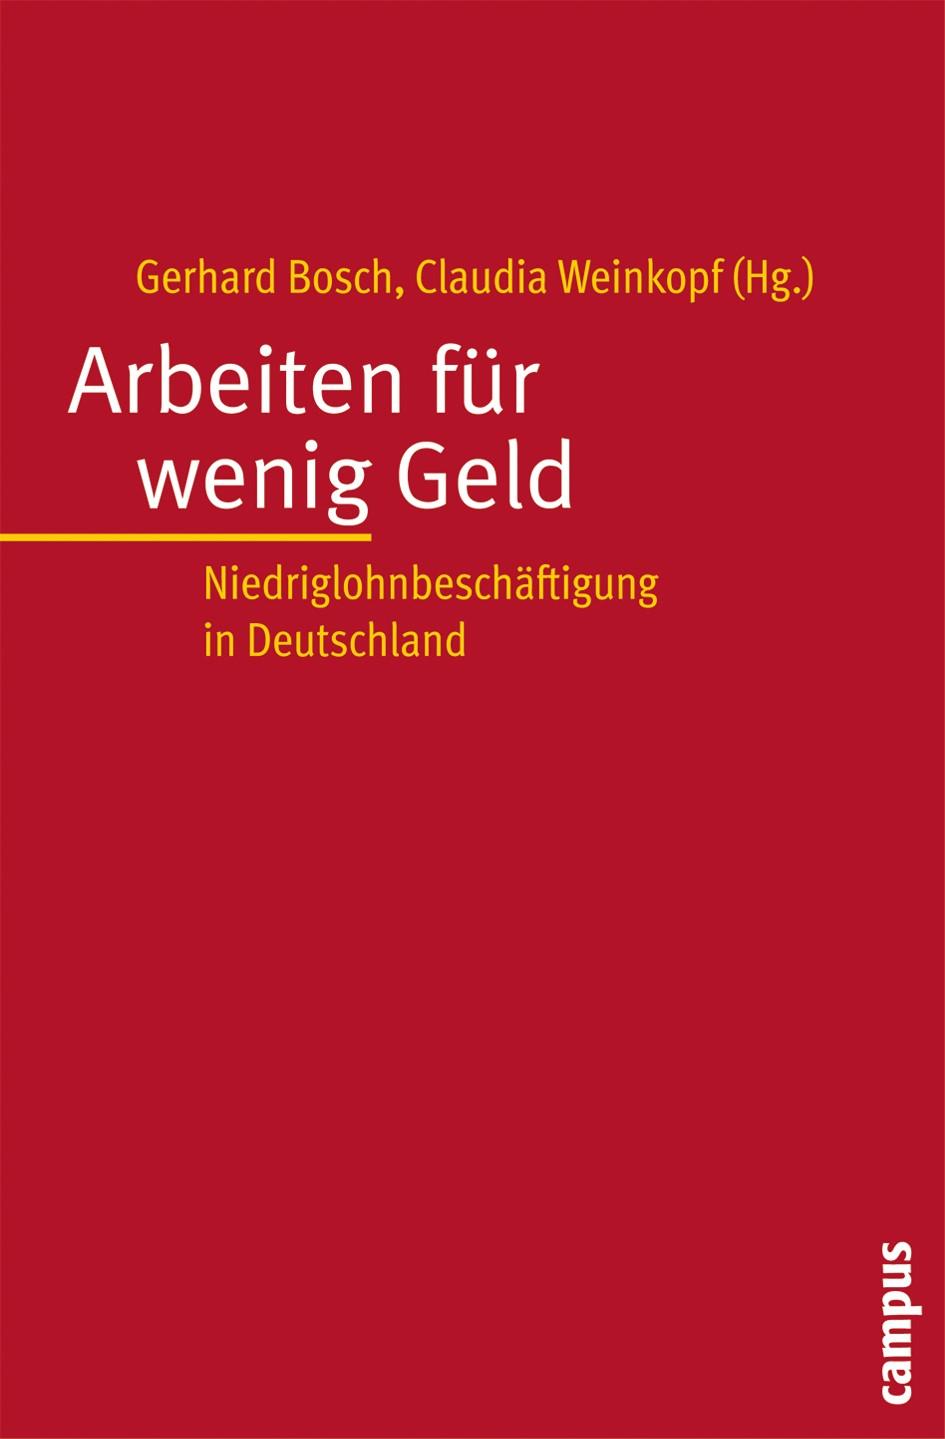 Arbeiten für wenig Geld | Bosch / Weinkopf, 2007 | Buch (Cover)